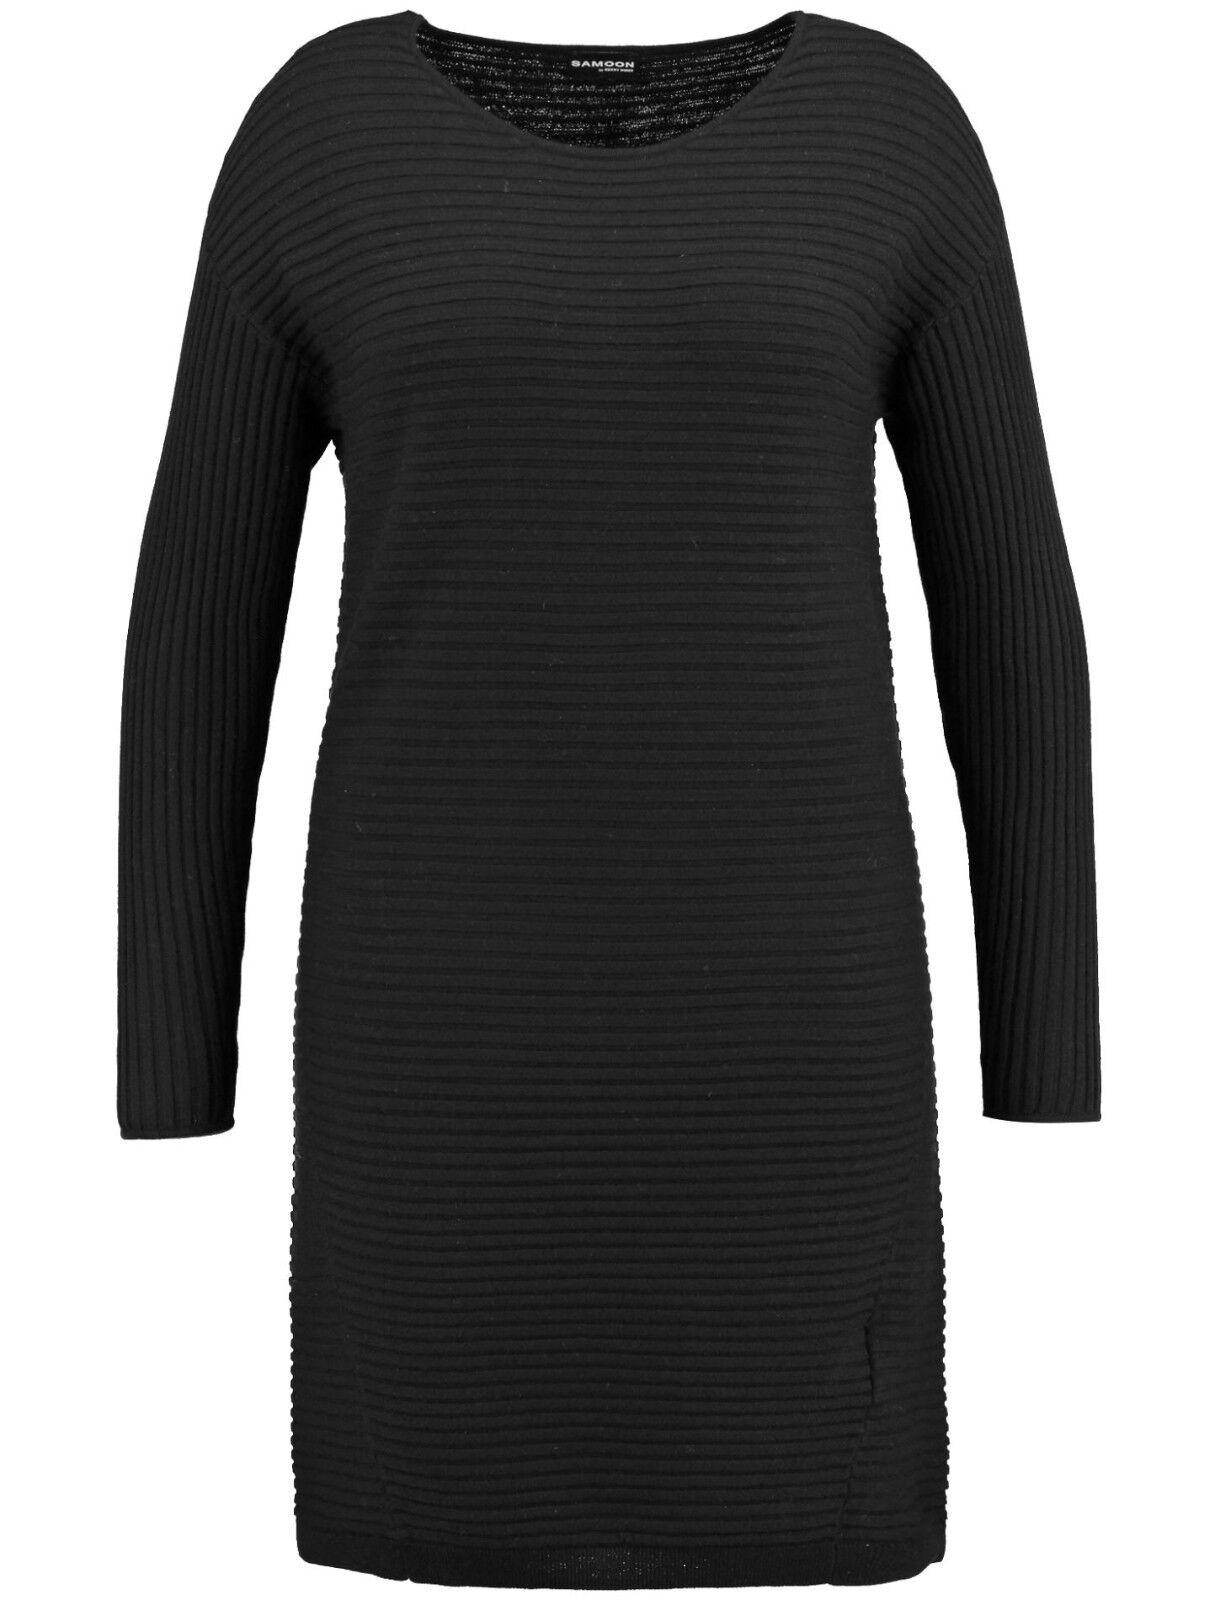 Abito samoon by Gerry Weber abito a maglia manica lunga nero nuovo donna tg. 50